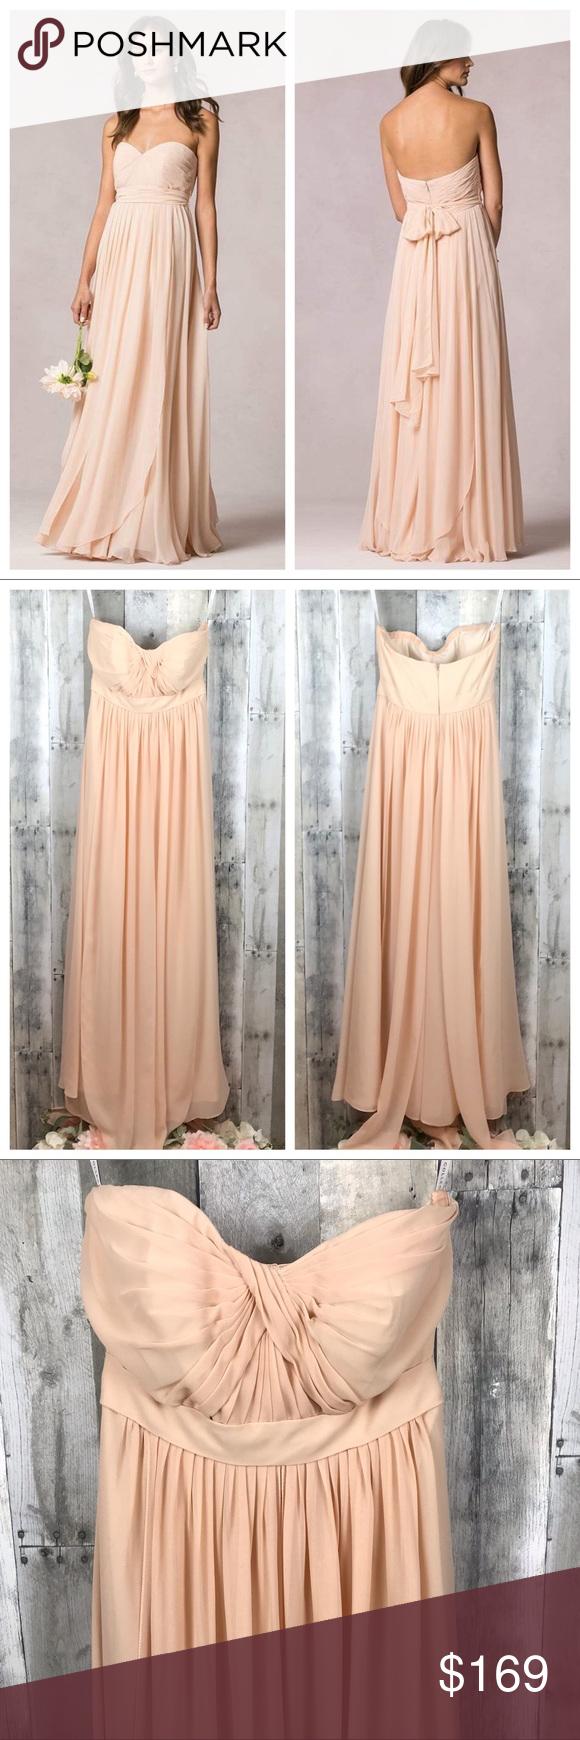 Jenny Yoo Mira Blush Bridesmaids Dress Size 0 Euc Jenny